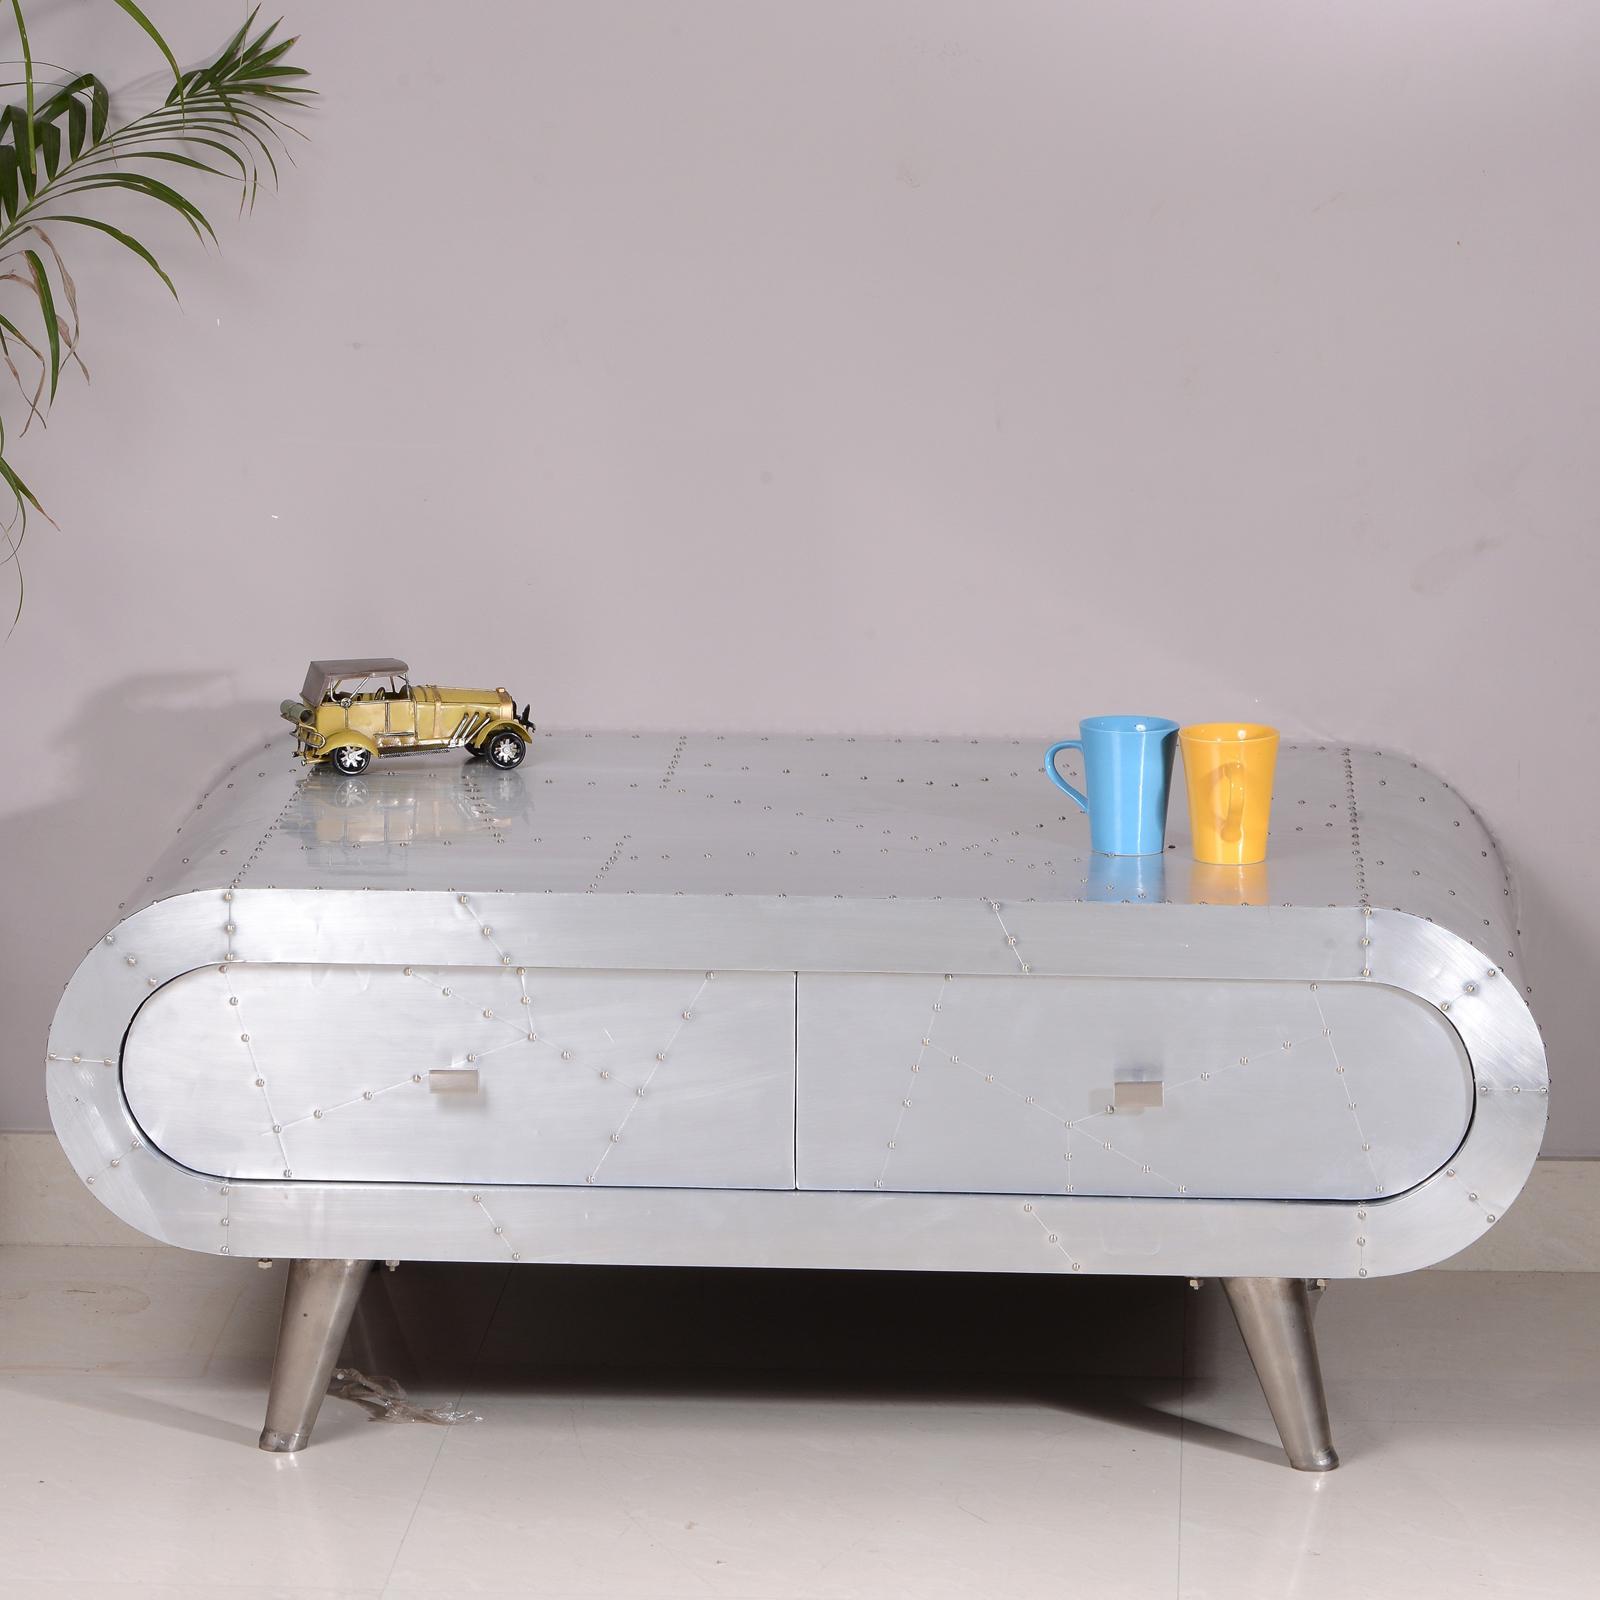 couchtisch gro downtown aus mangoholz und mdf alu beschlagen mit metallbeinen ebay. Black Bedroom Furniture Sets. Home Design Ideas